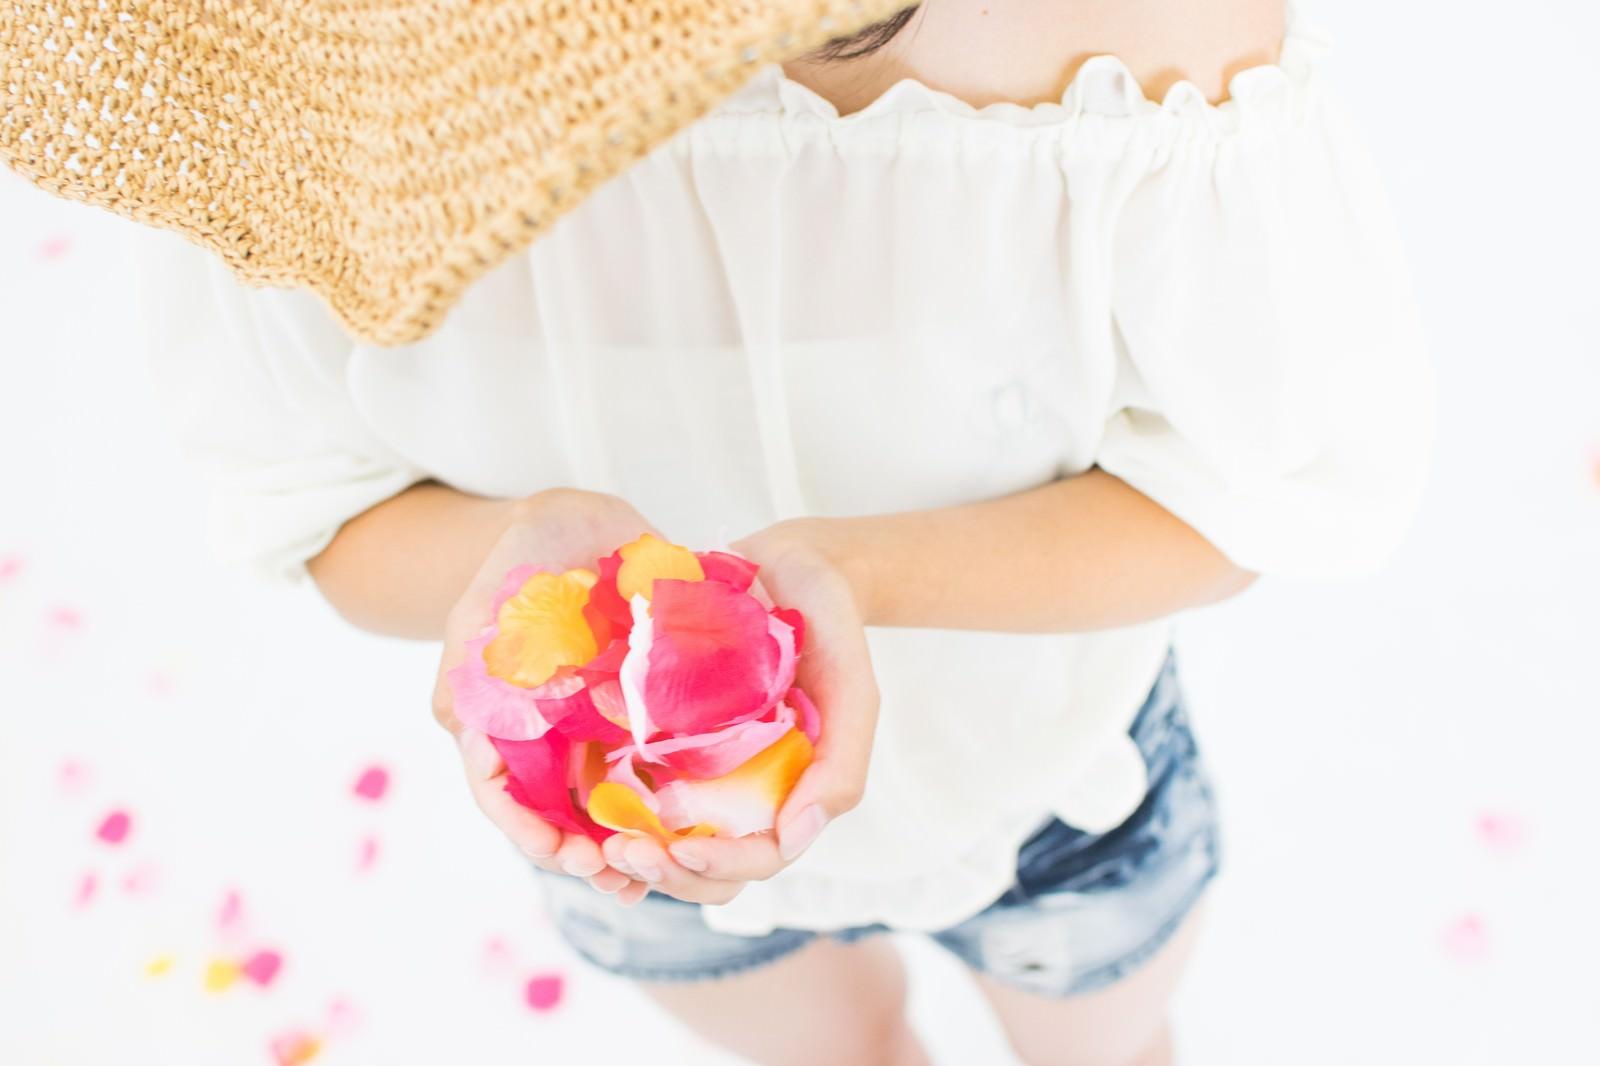 「両手いっぱいの花びら」の写真